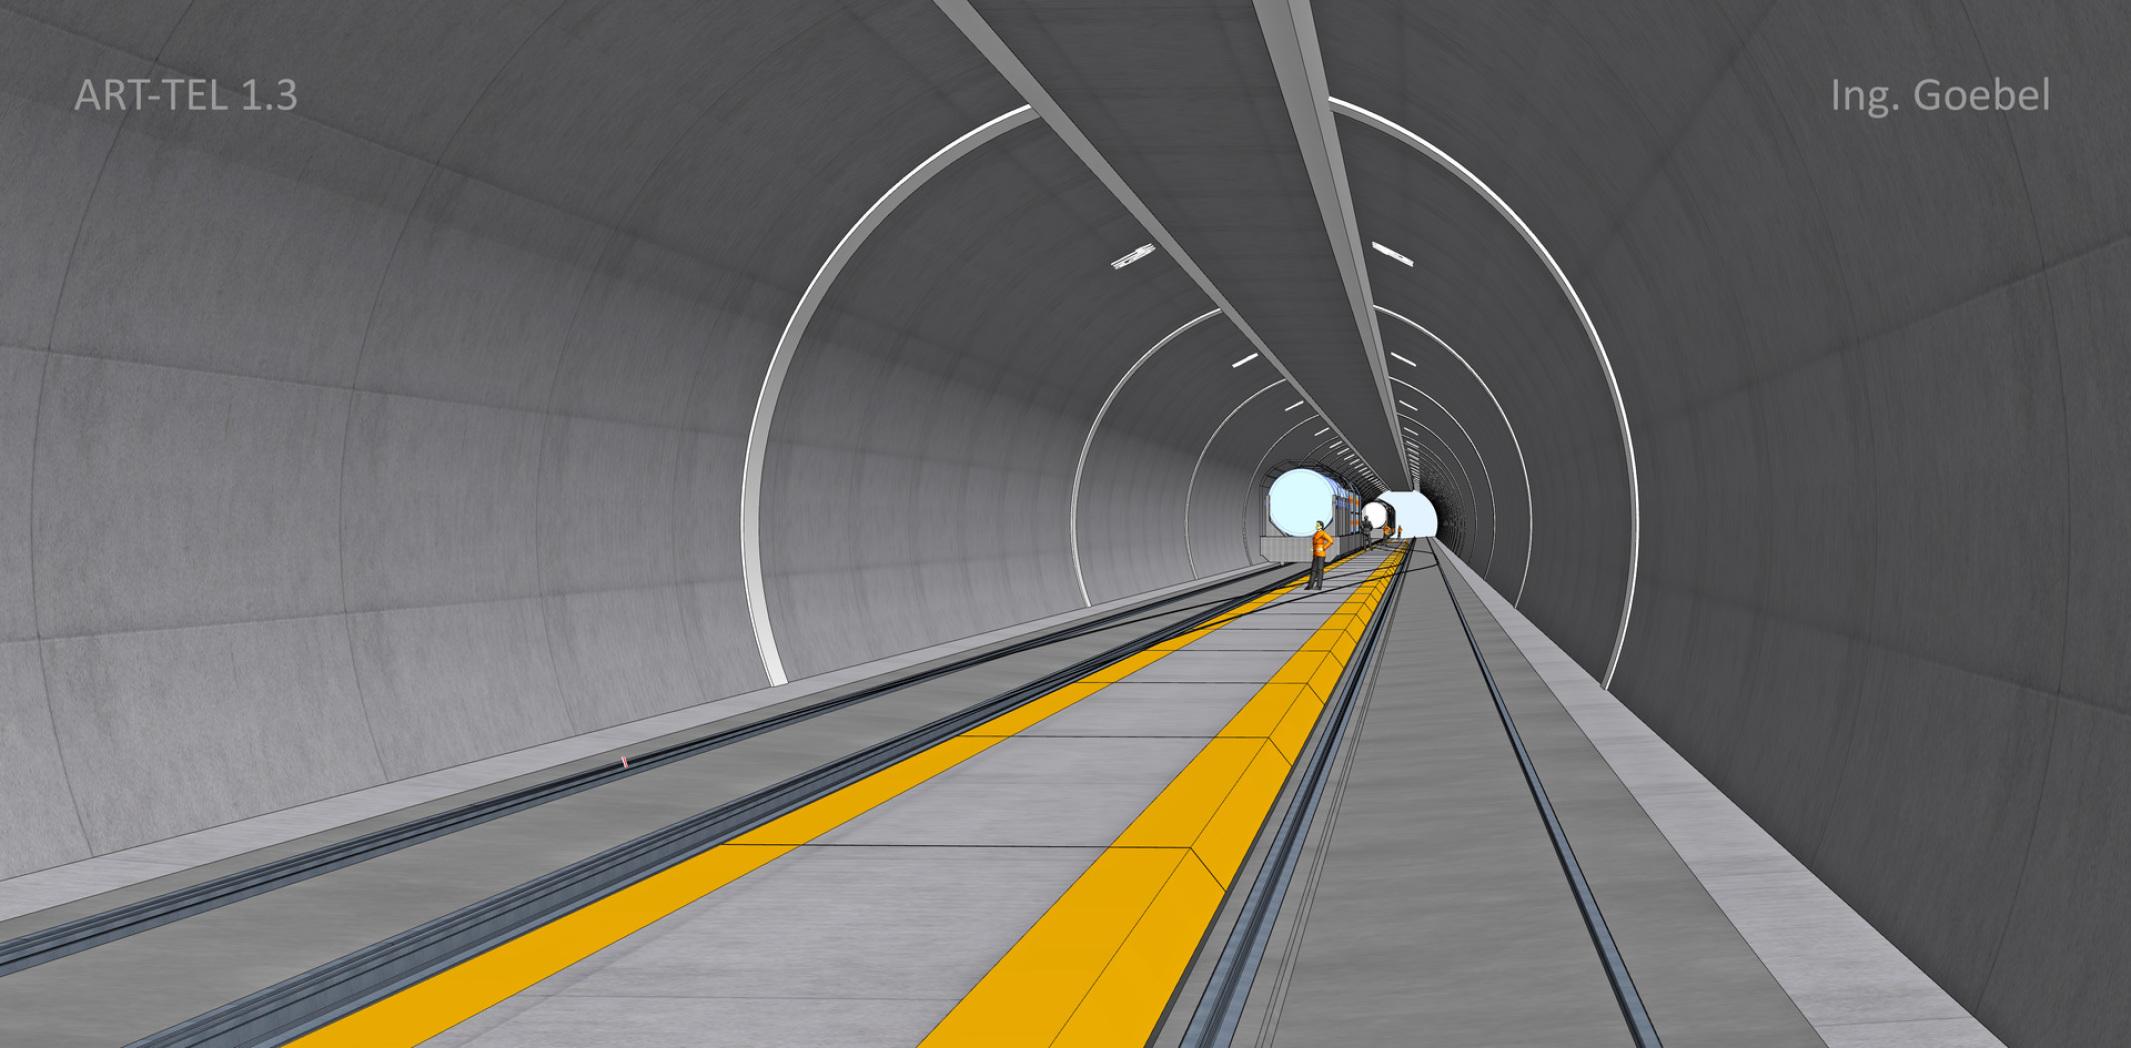 Querschnitt ART-TEL Tunnelbauwerk in einer Endlager Geologie Möckow bei Karlsburg